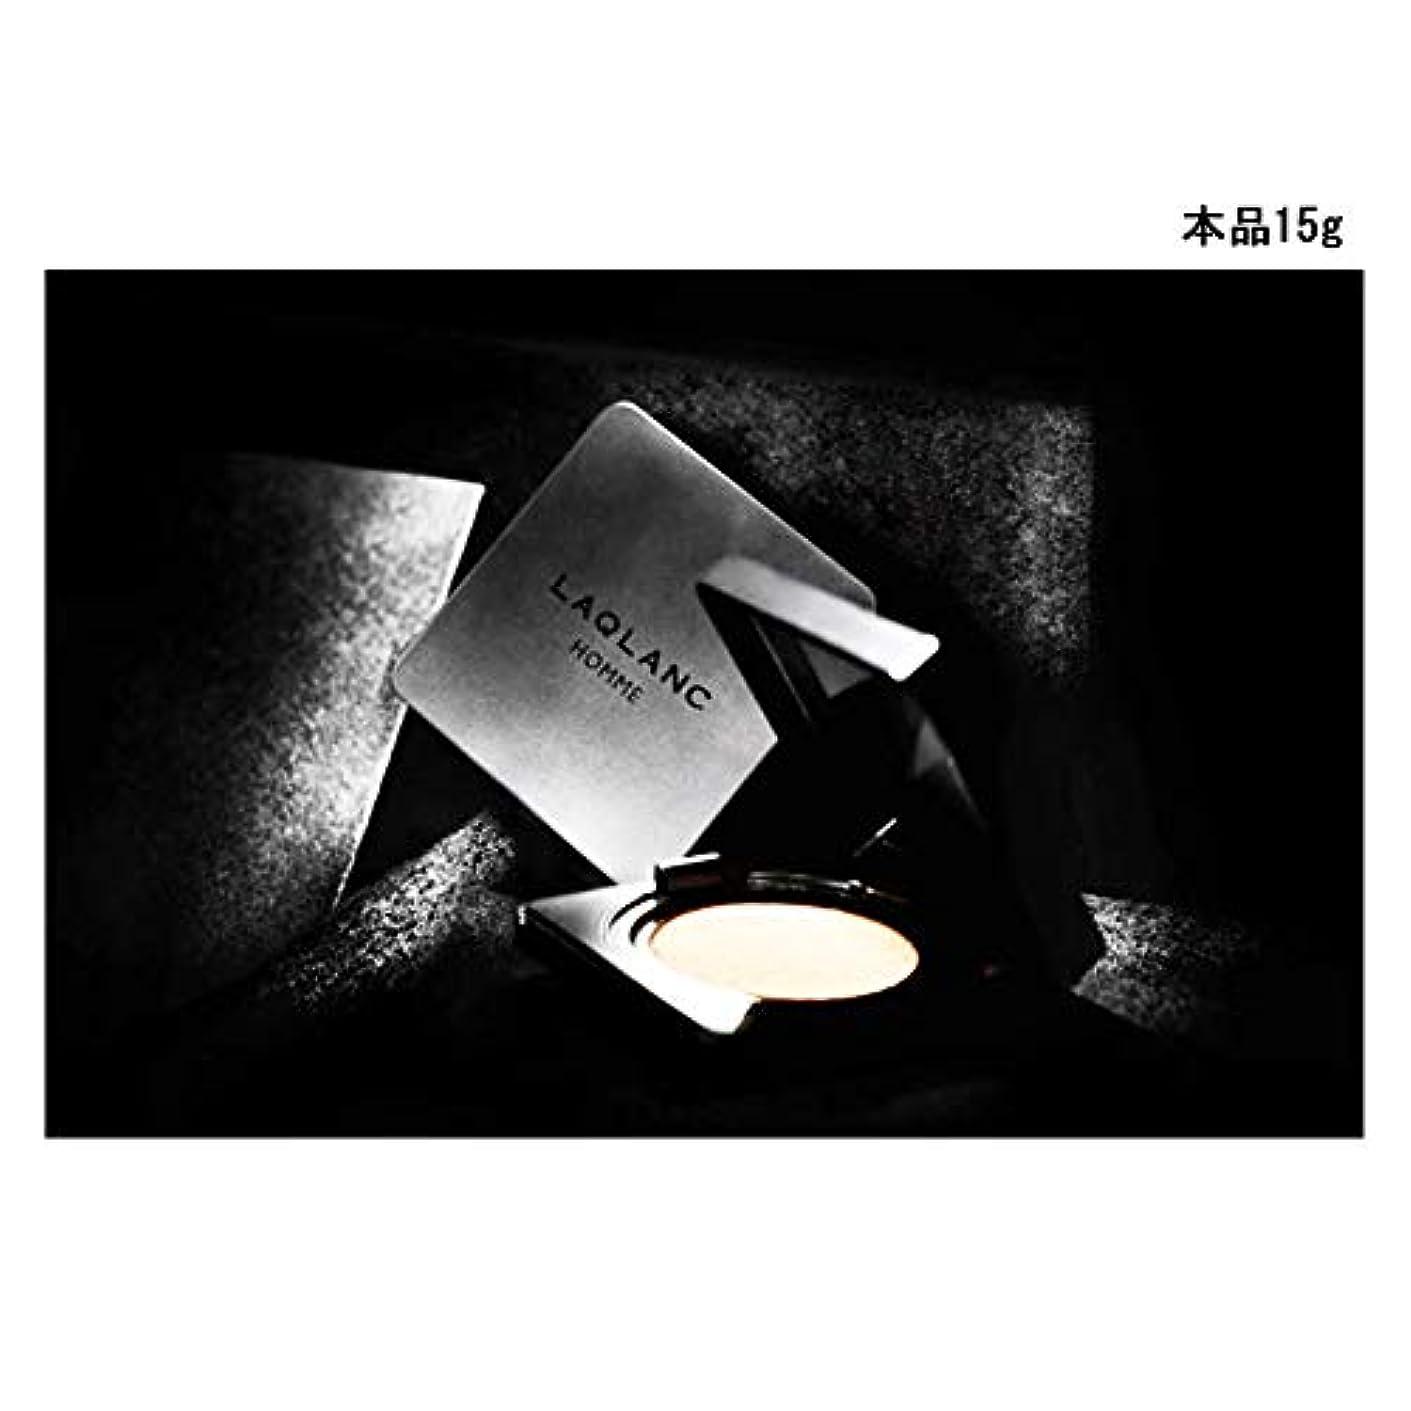 腐敗秘書ペフ(Laqlanc)大人気 10秒完成 ナチュラル 肌色アップ 紫外線遮断 ホワイトニング 男性 エアクッション 15g [海外配送品] [並行輸入品]